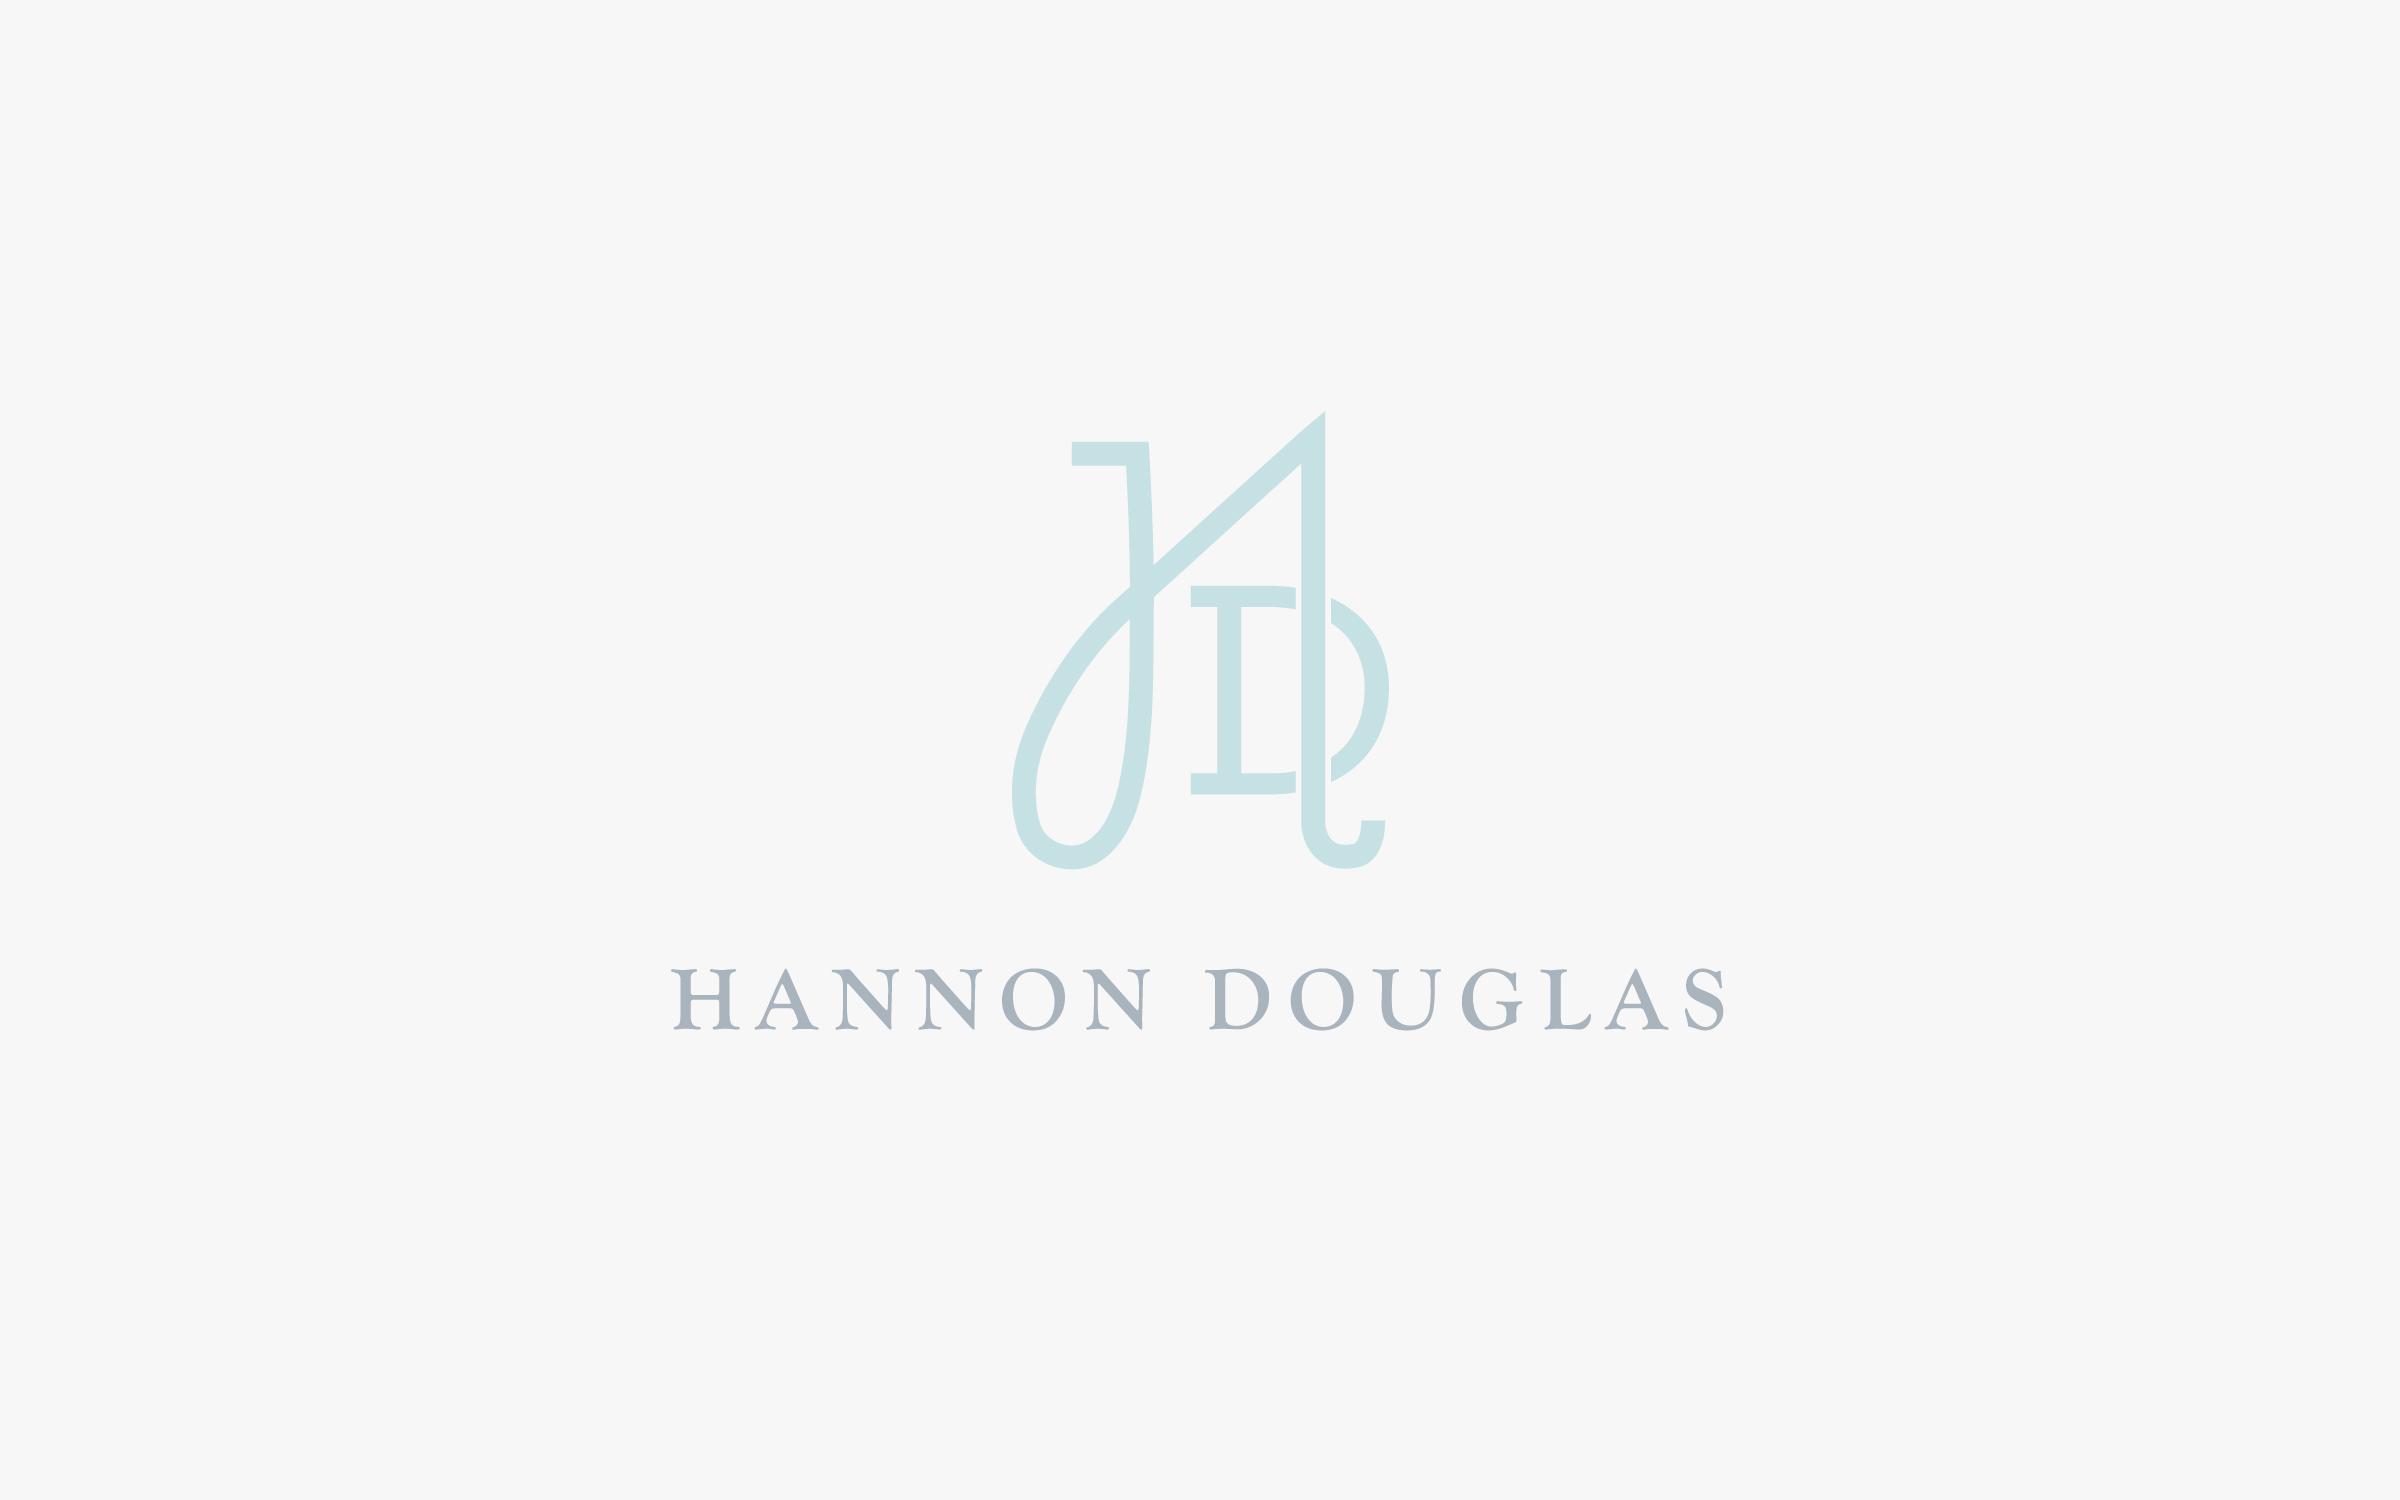 HannonDouglas_logo.jpg